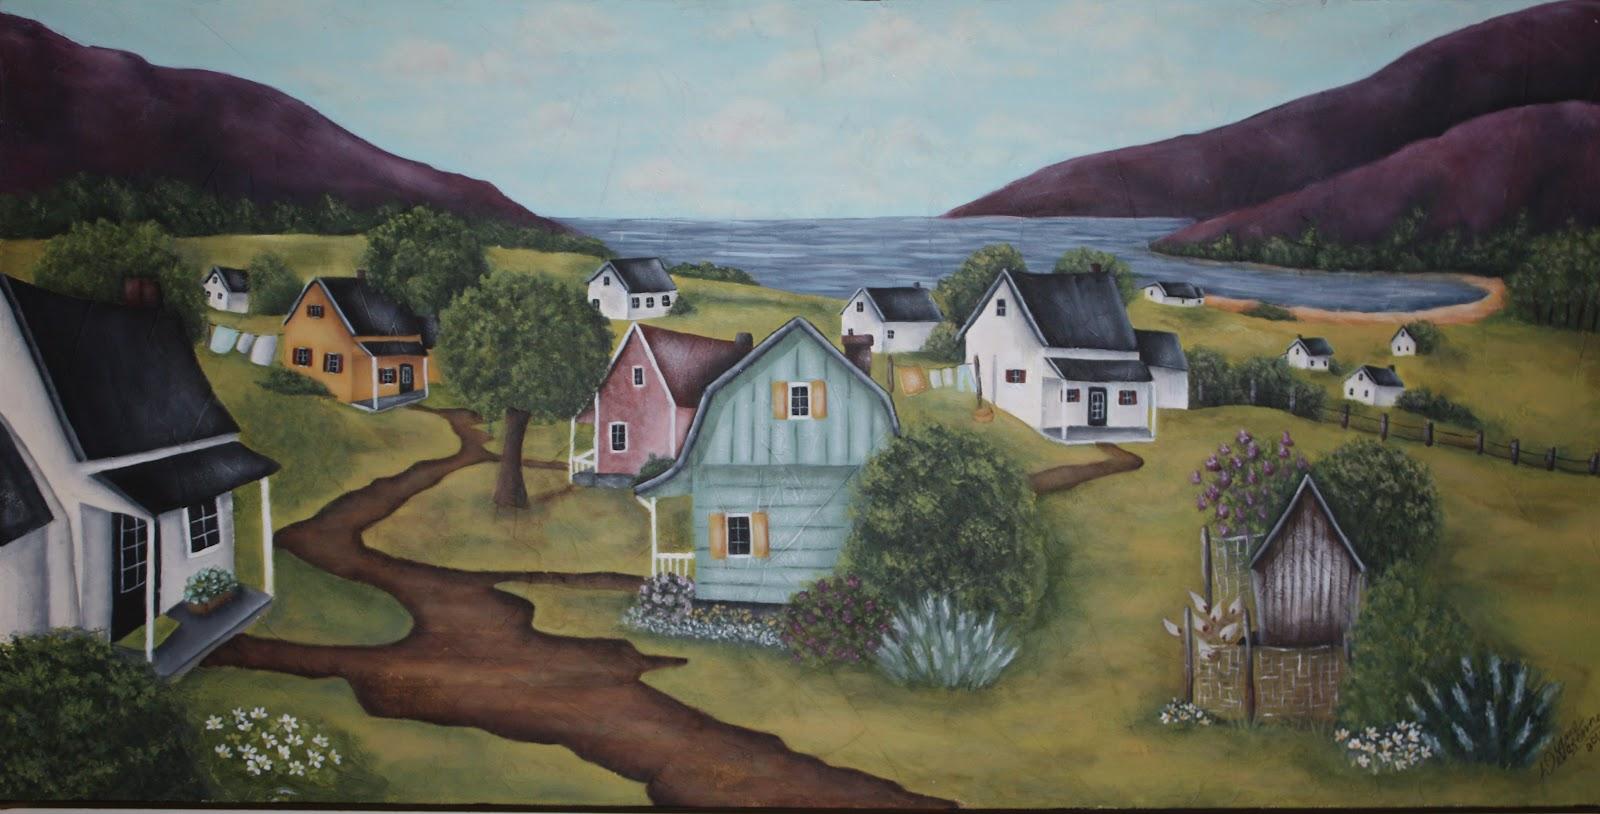 Diane devarennes peinture d corative le paysage est un for Modele de peinture decorative